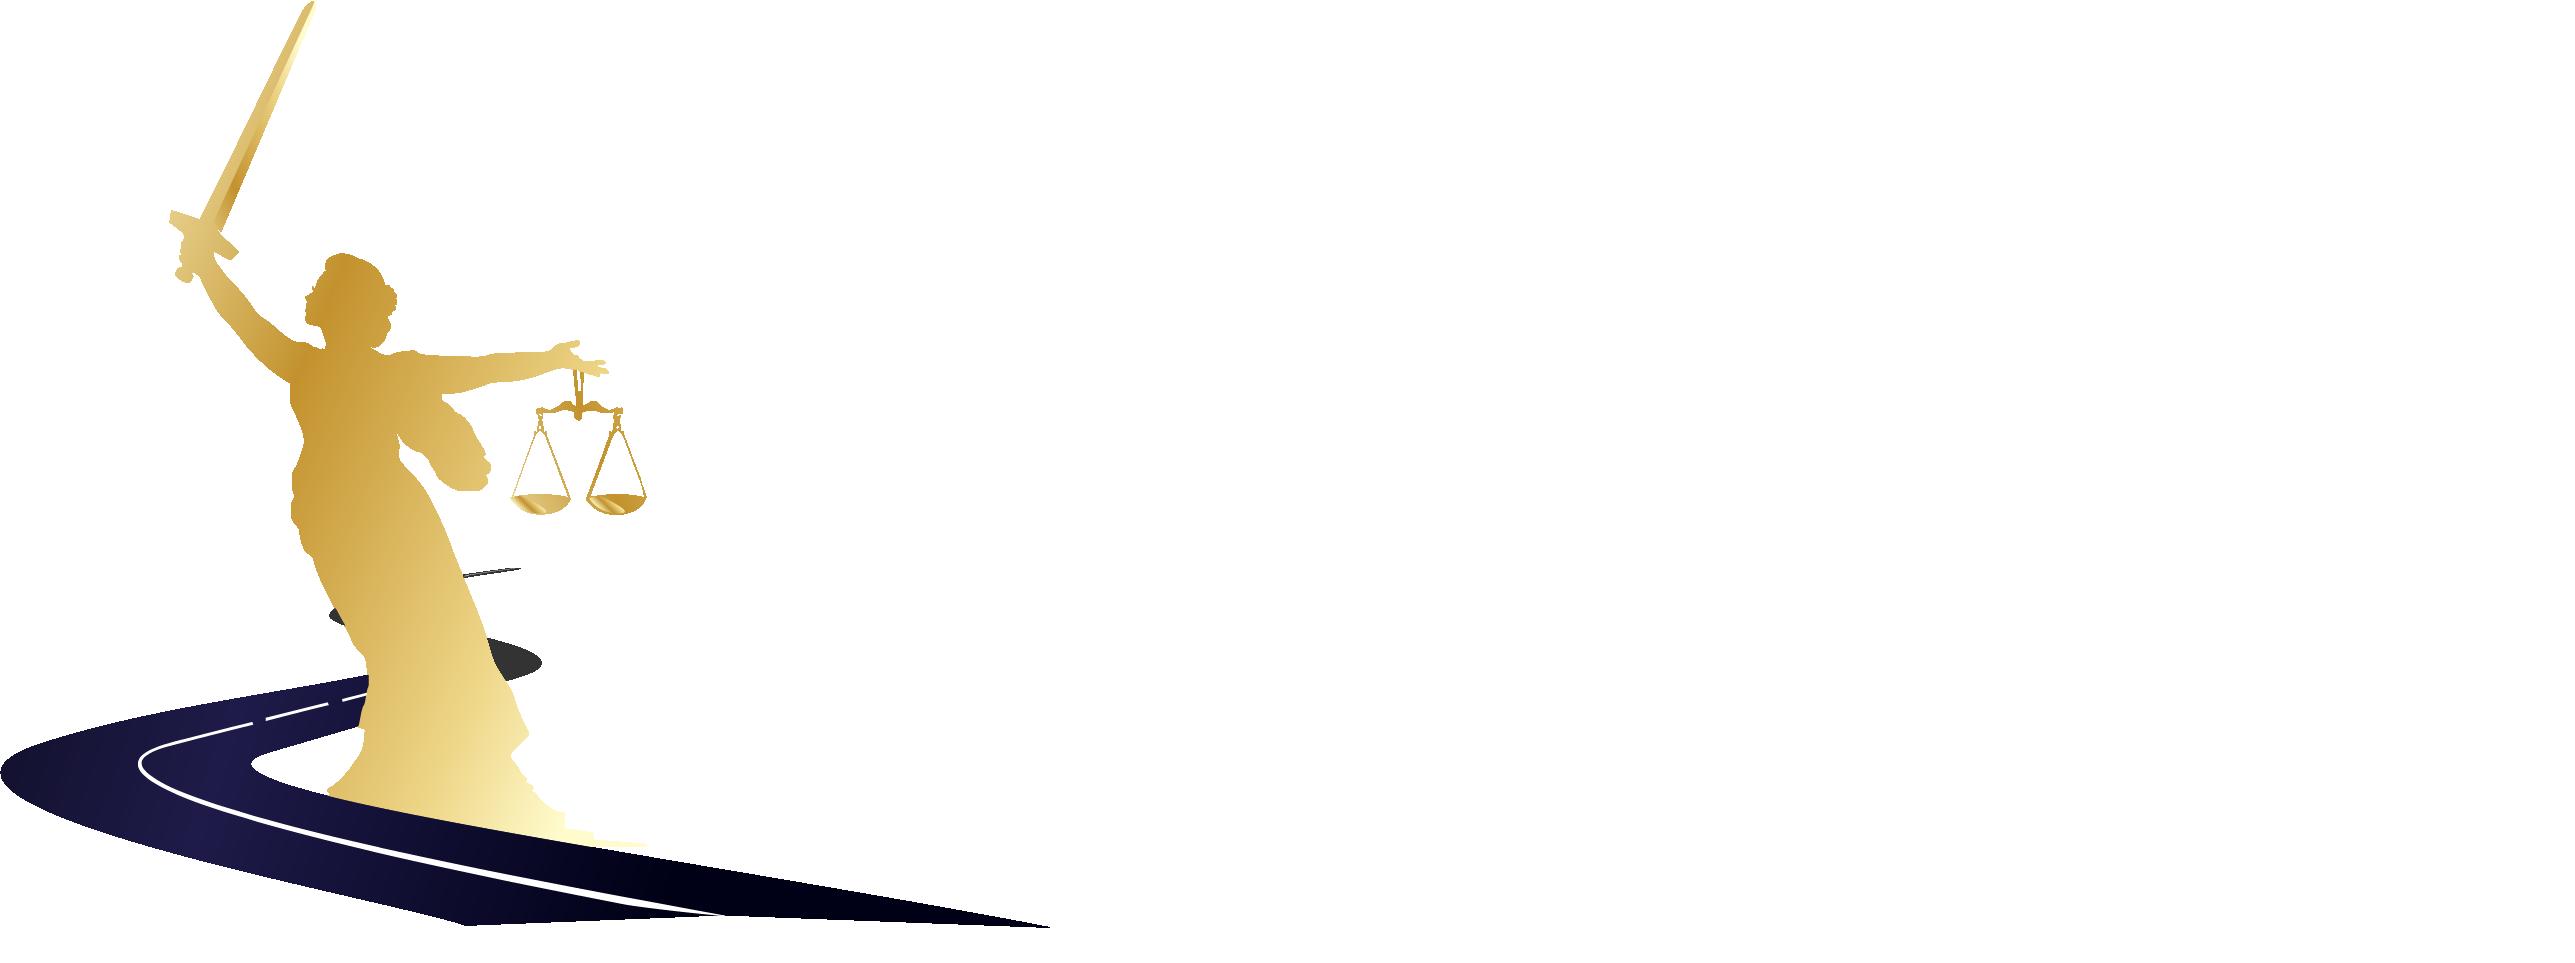 Jerome O. Fjeld, PLLC Attorney At Law